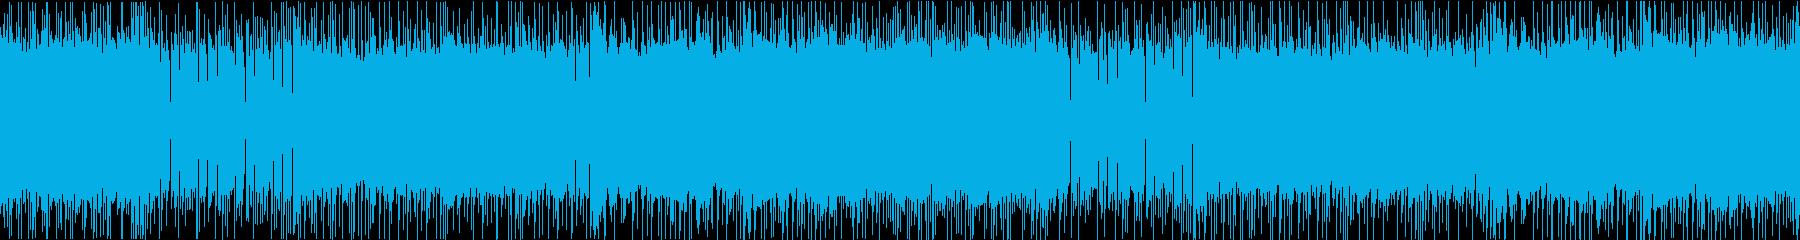 激しく攻撃的なヘヴィメタルループの再生済みの波形